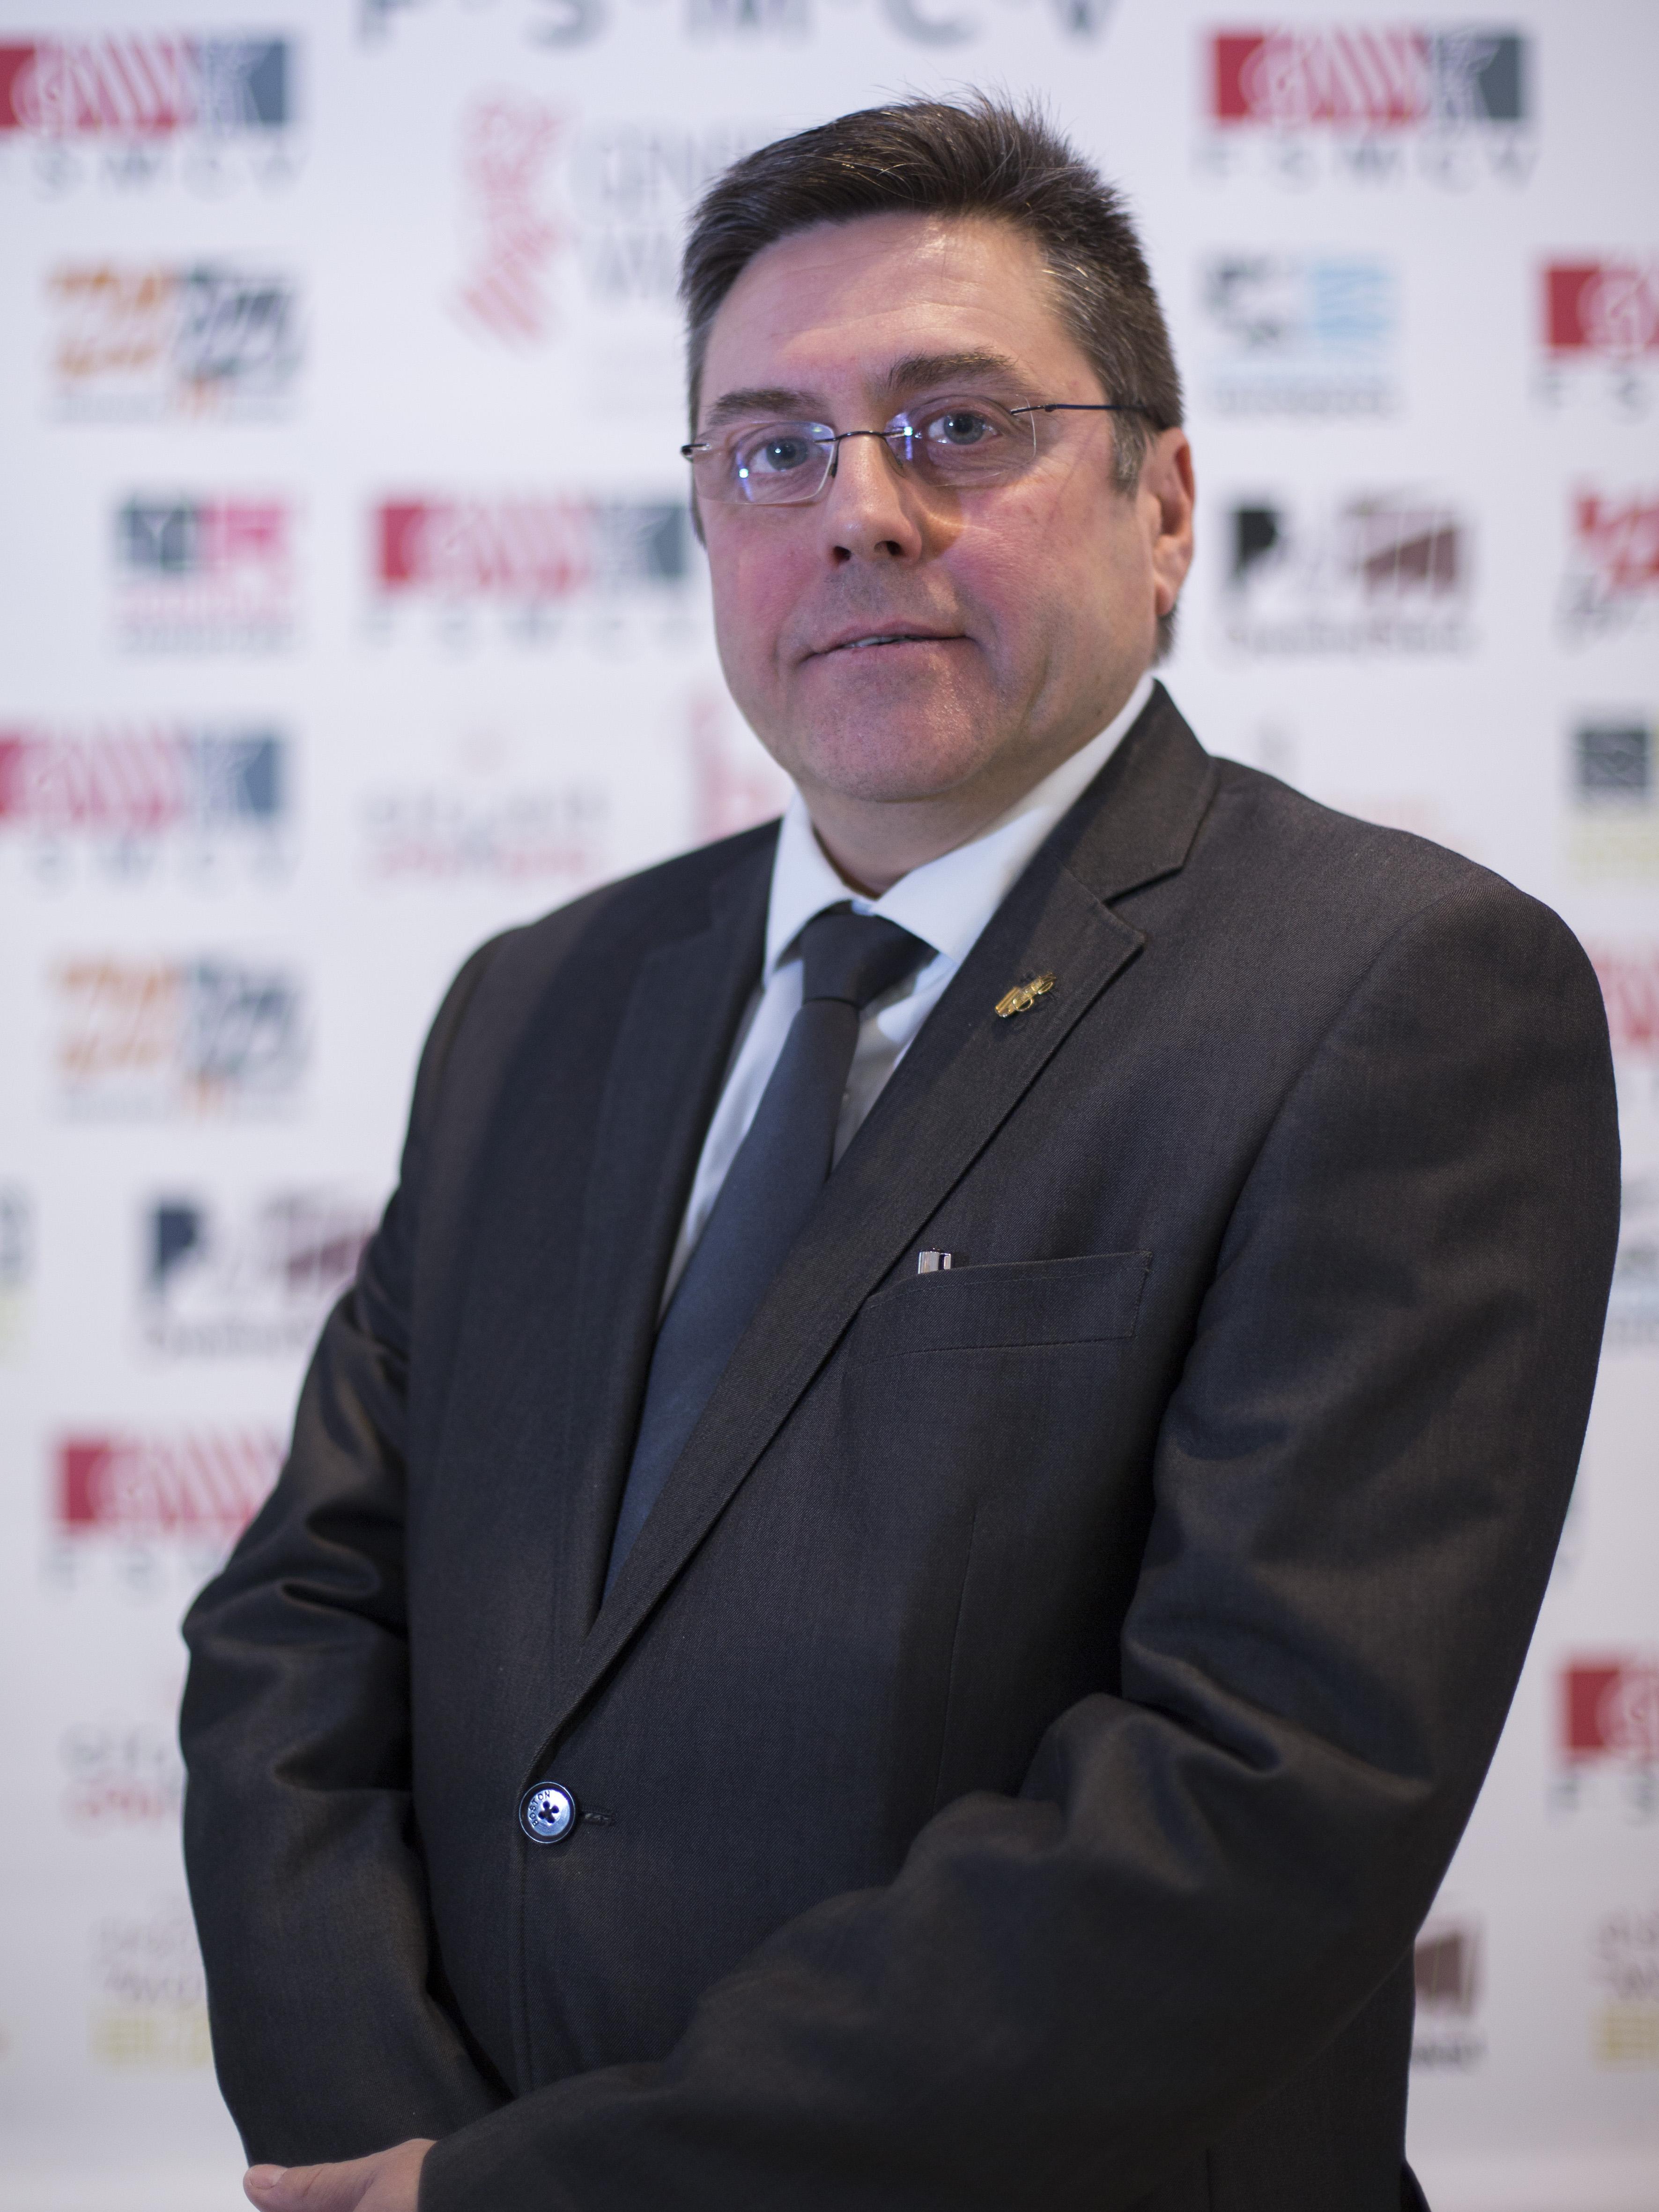 Ricardo Sales, que ha recibido el 100% de los votos, es socio de la CIM Santa Cecilia de Yátova y fue presidente de la Sociedad Musical Santa Cecilia de Macastre.